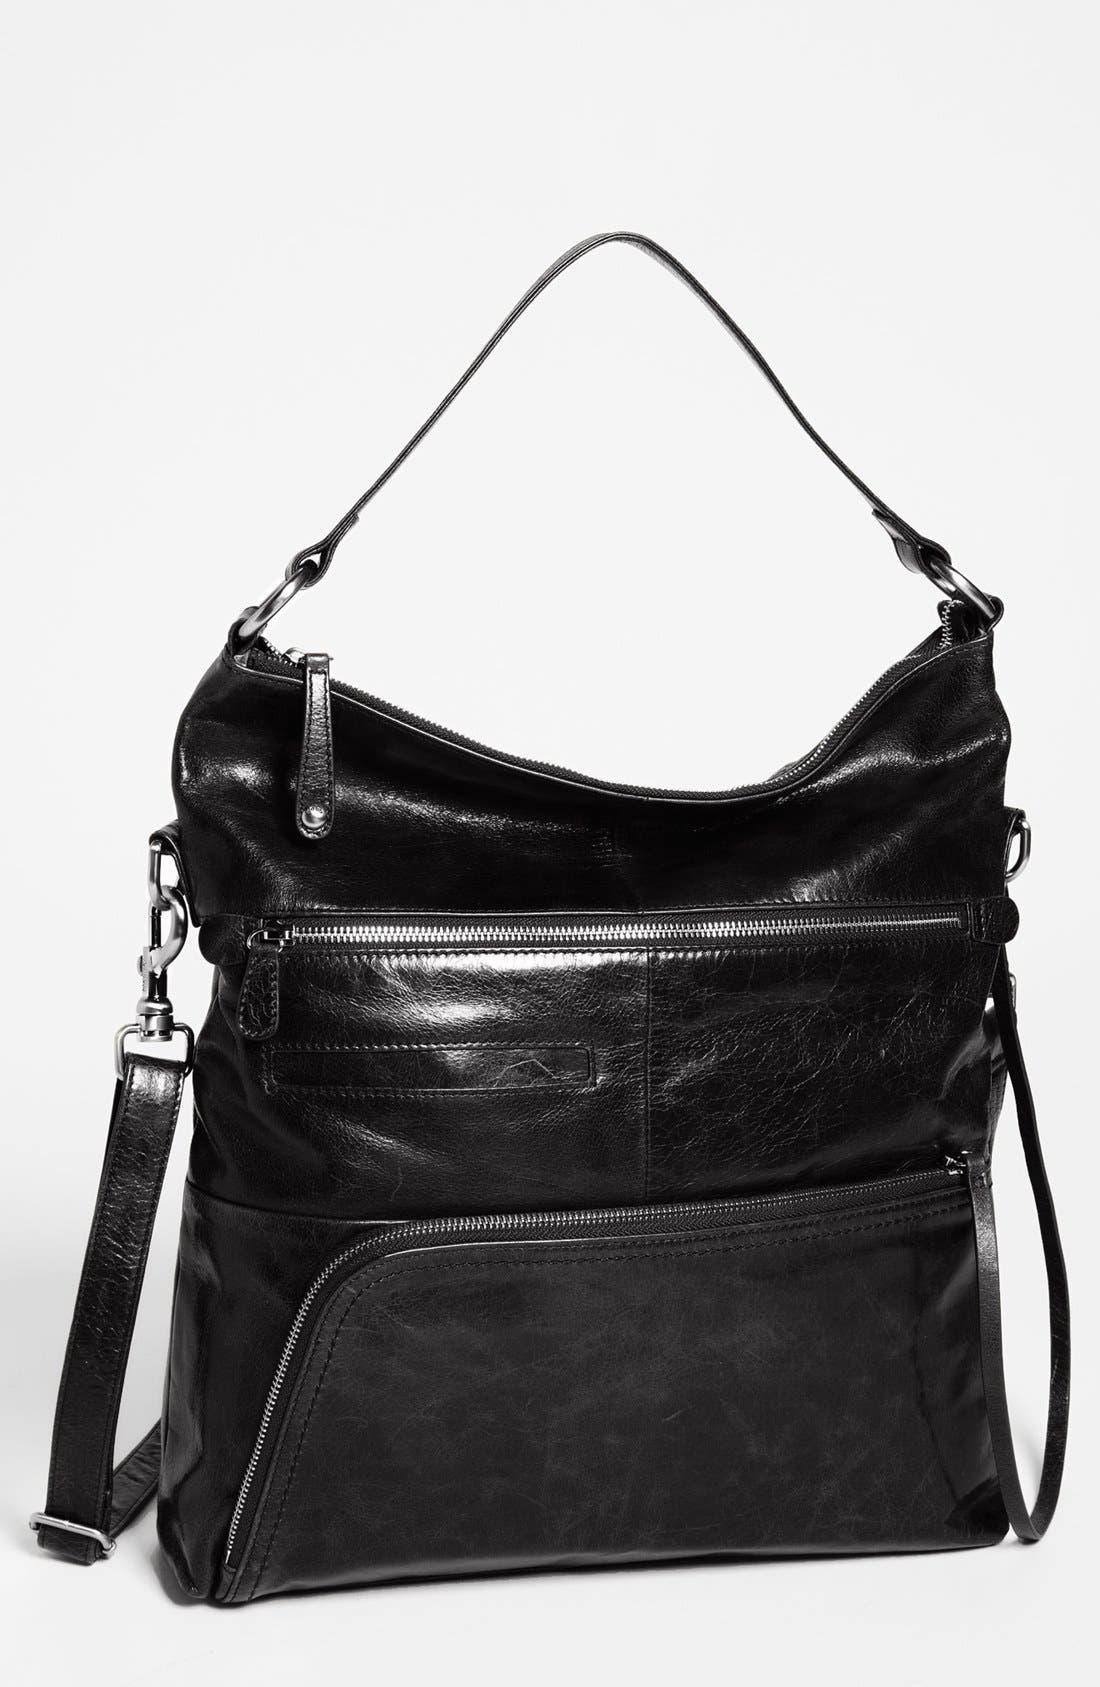 Main Image - Hobo 'Quinn' Leather Hobo